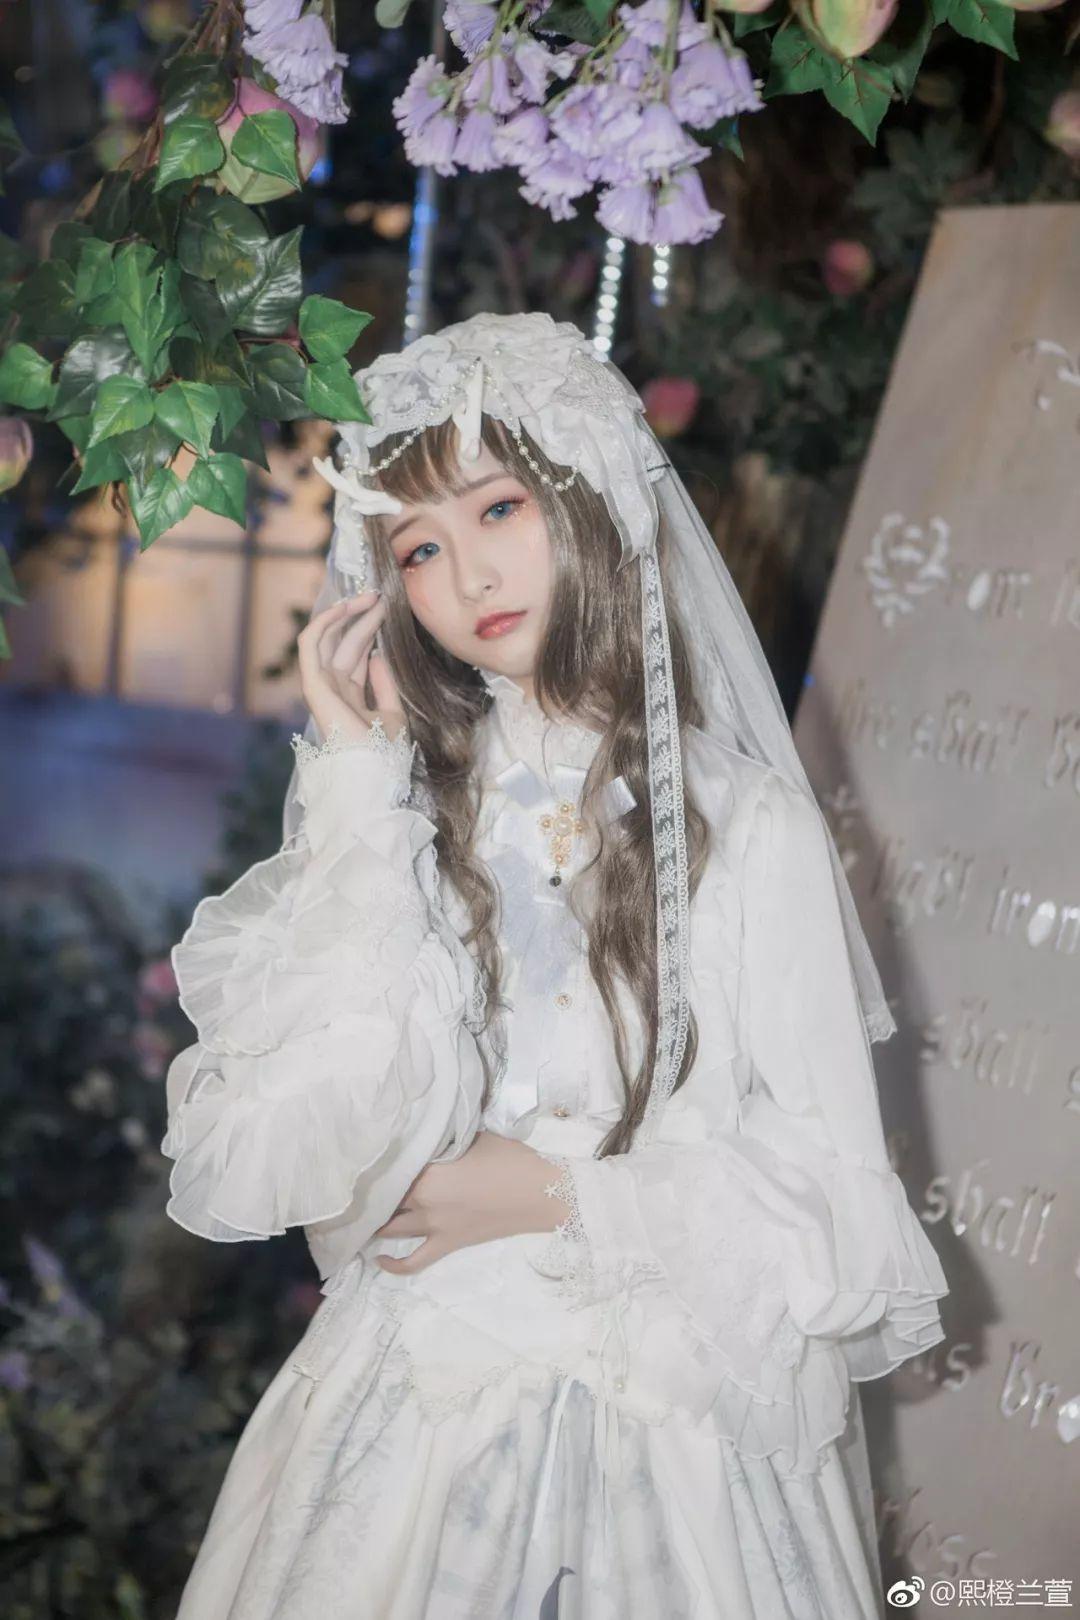 妹子摄影 – Lolita花嫁美少女@熙橙兰萱_图片 No.5